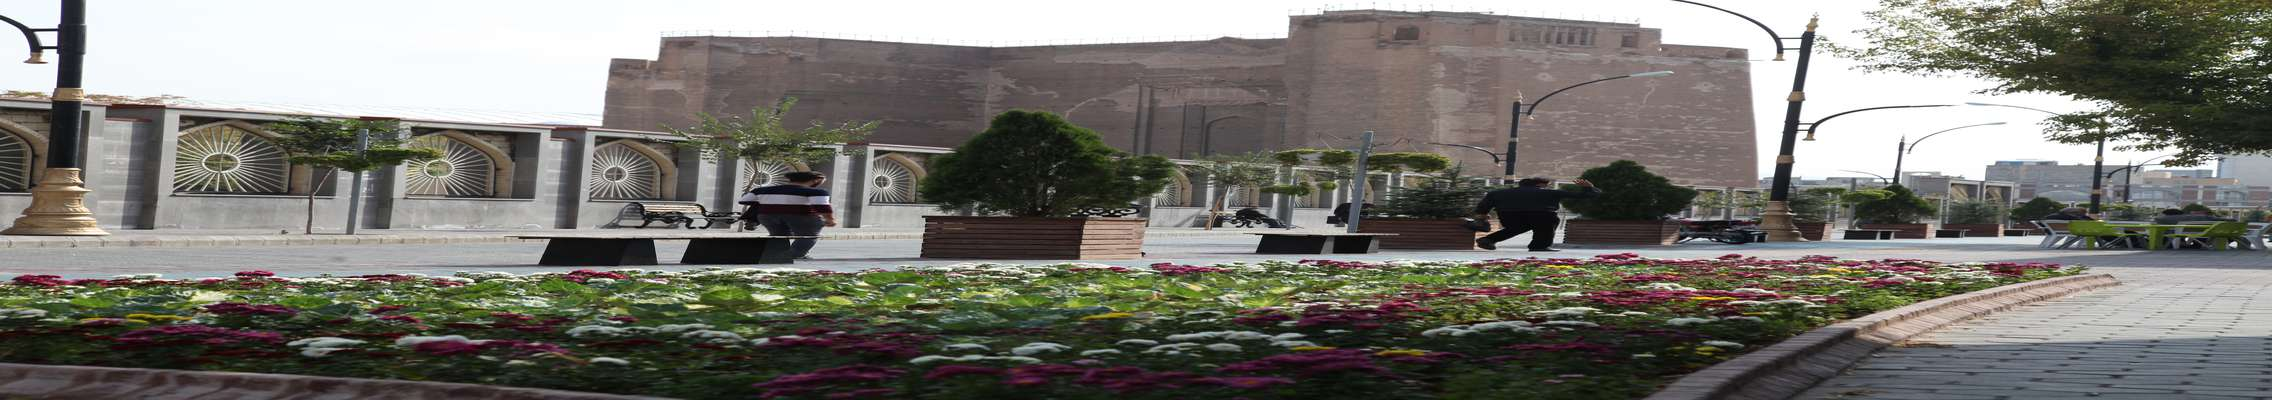 جلوهگری زیبای گلهای داوودی در منطقه تاریخی فرهنگی تبریز